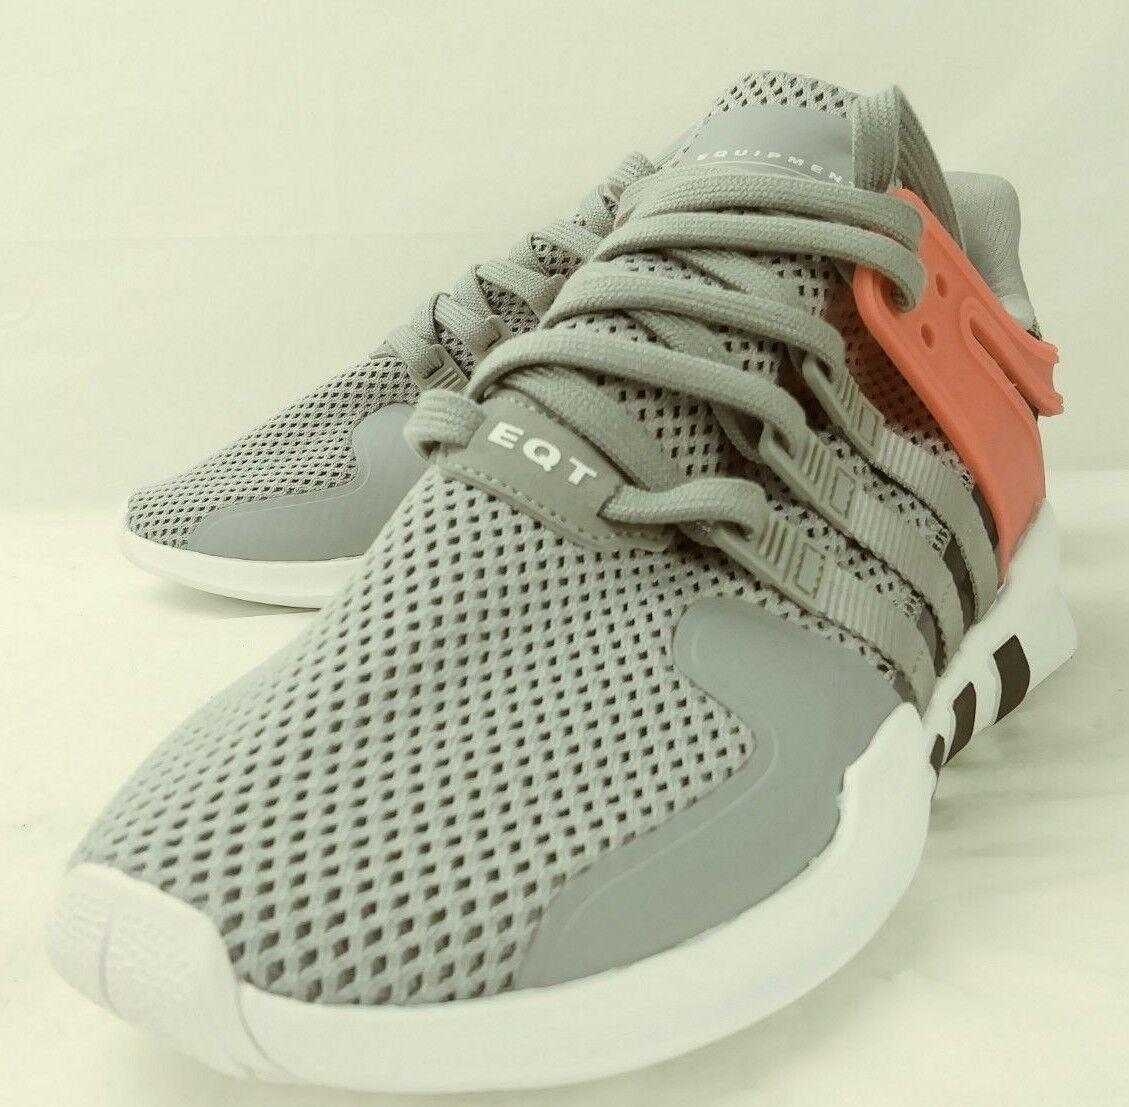 adidas schuhe, männer schuhe und uns 8 männer schuhe, graue stricken rosa spitzen bis sportlich 2503 6dca37